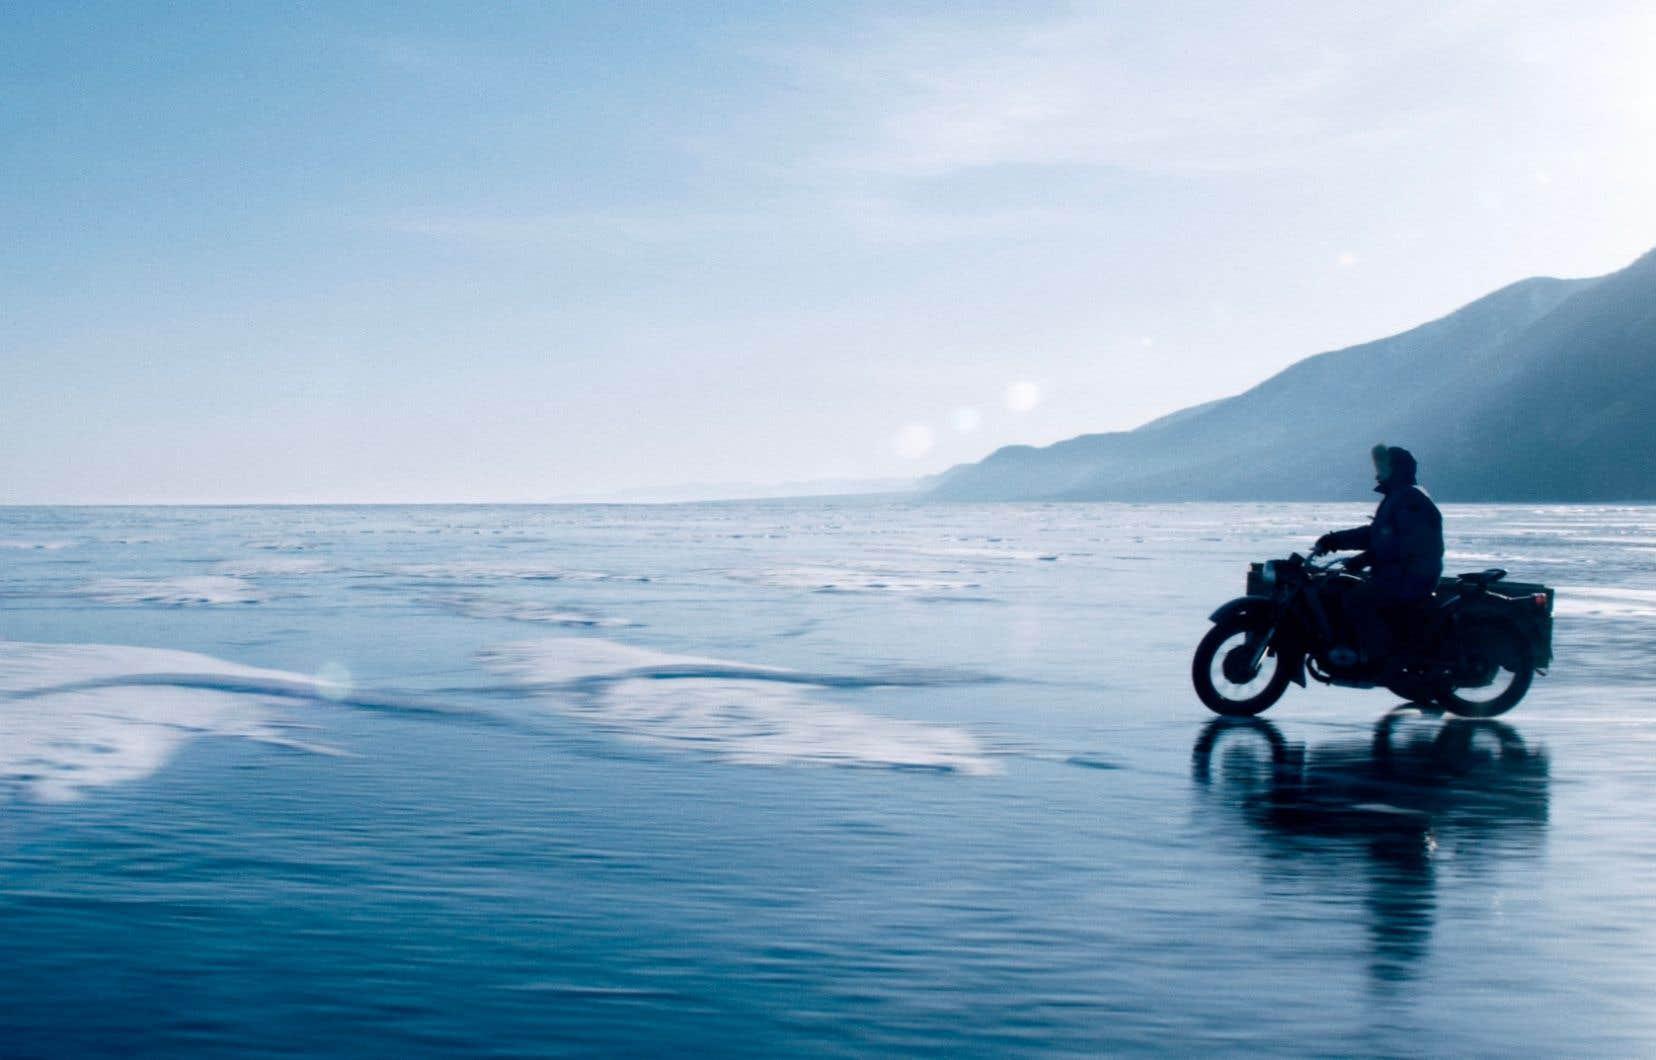 Librement inspiré par la vie de l'écrivain Sylvain Tesson, le film «Dans les forêts de Sibérie» suit le protagoniste, rebaptisé Teddy, qui plaque tout pour s'installer sur les rives gelées du lac Baïkal.